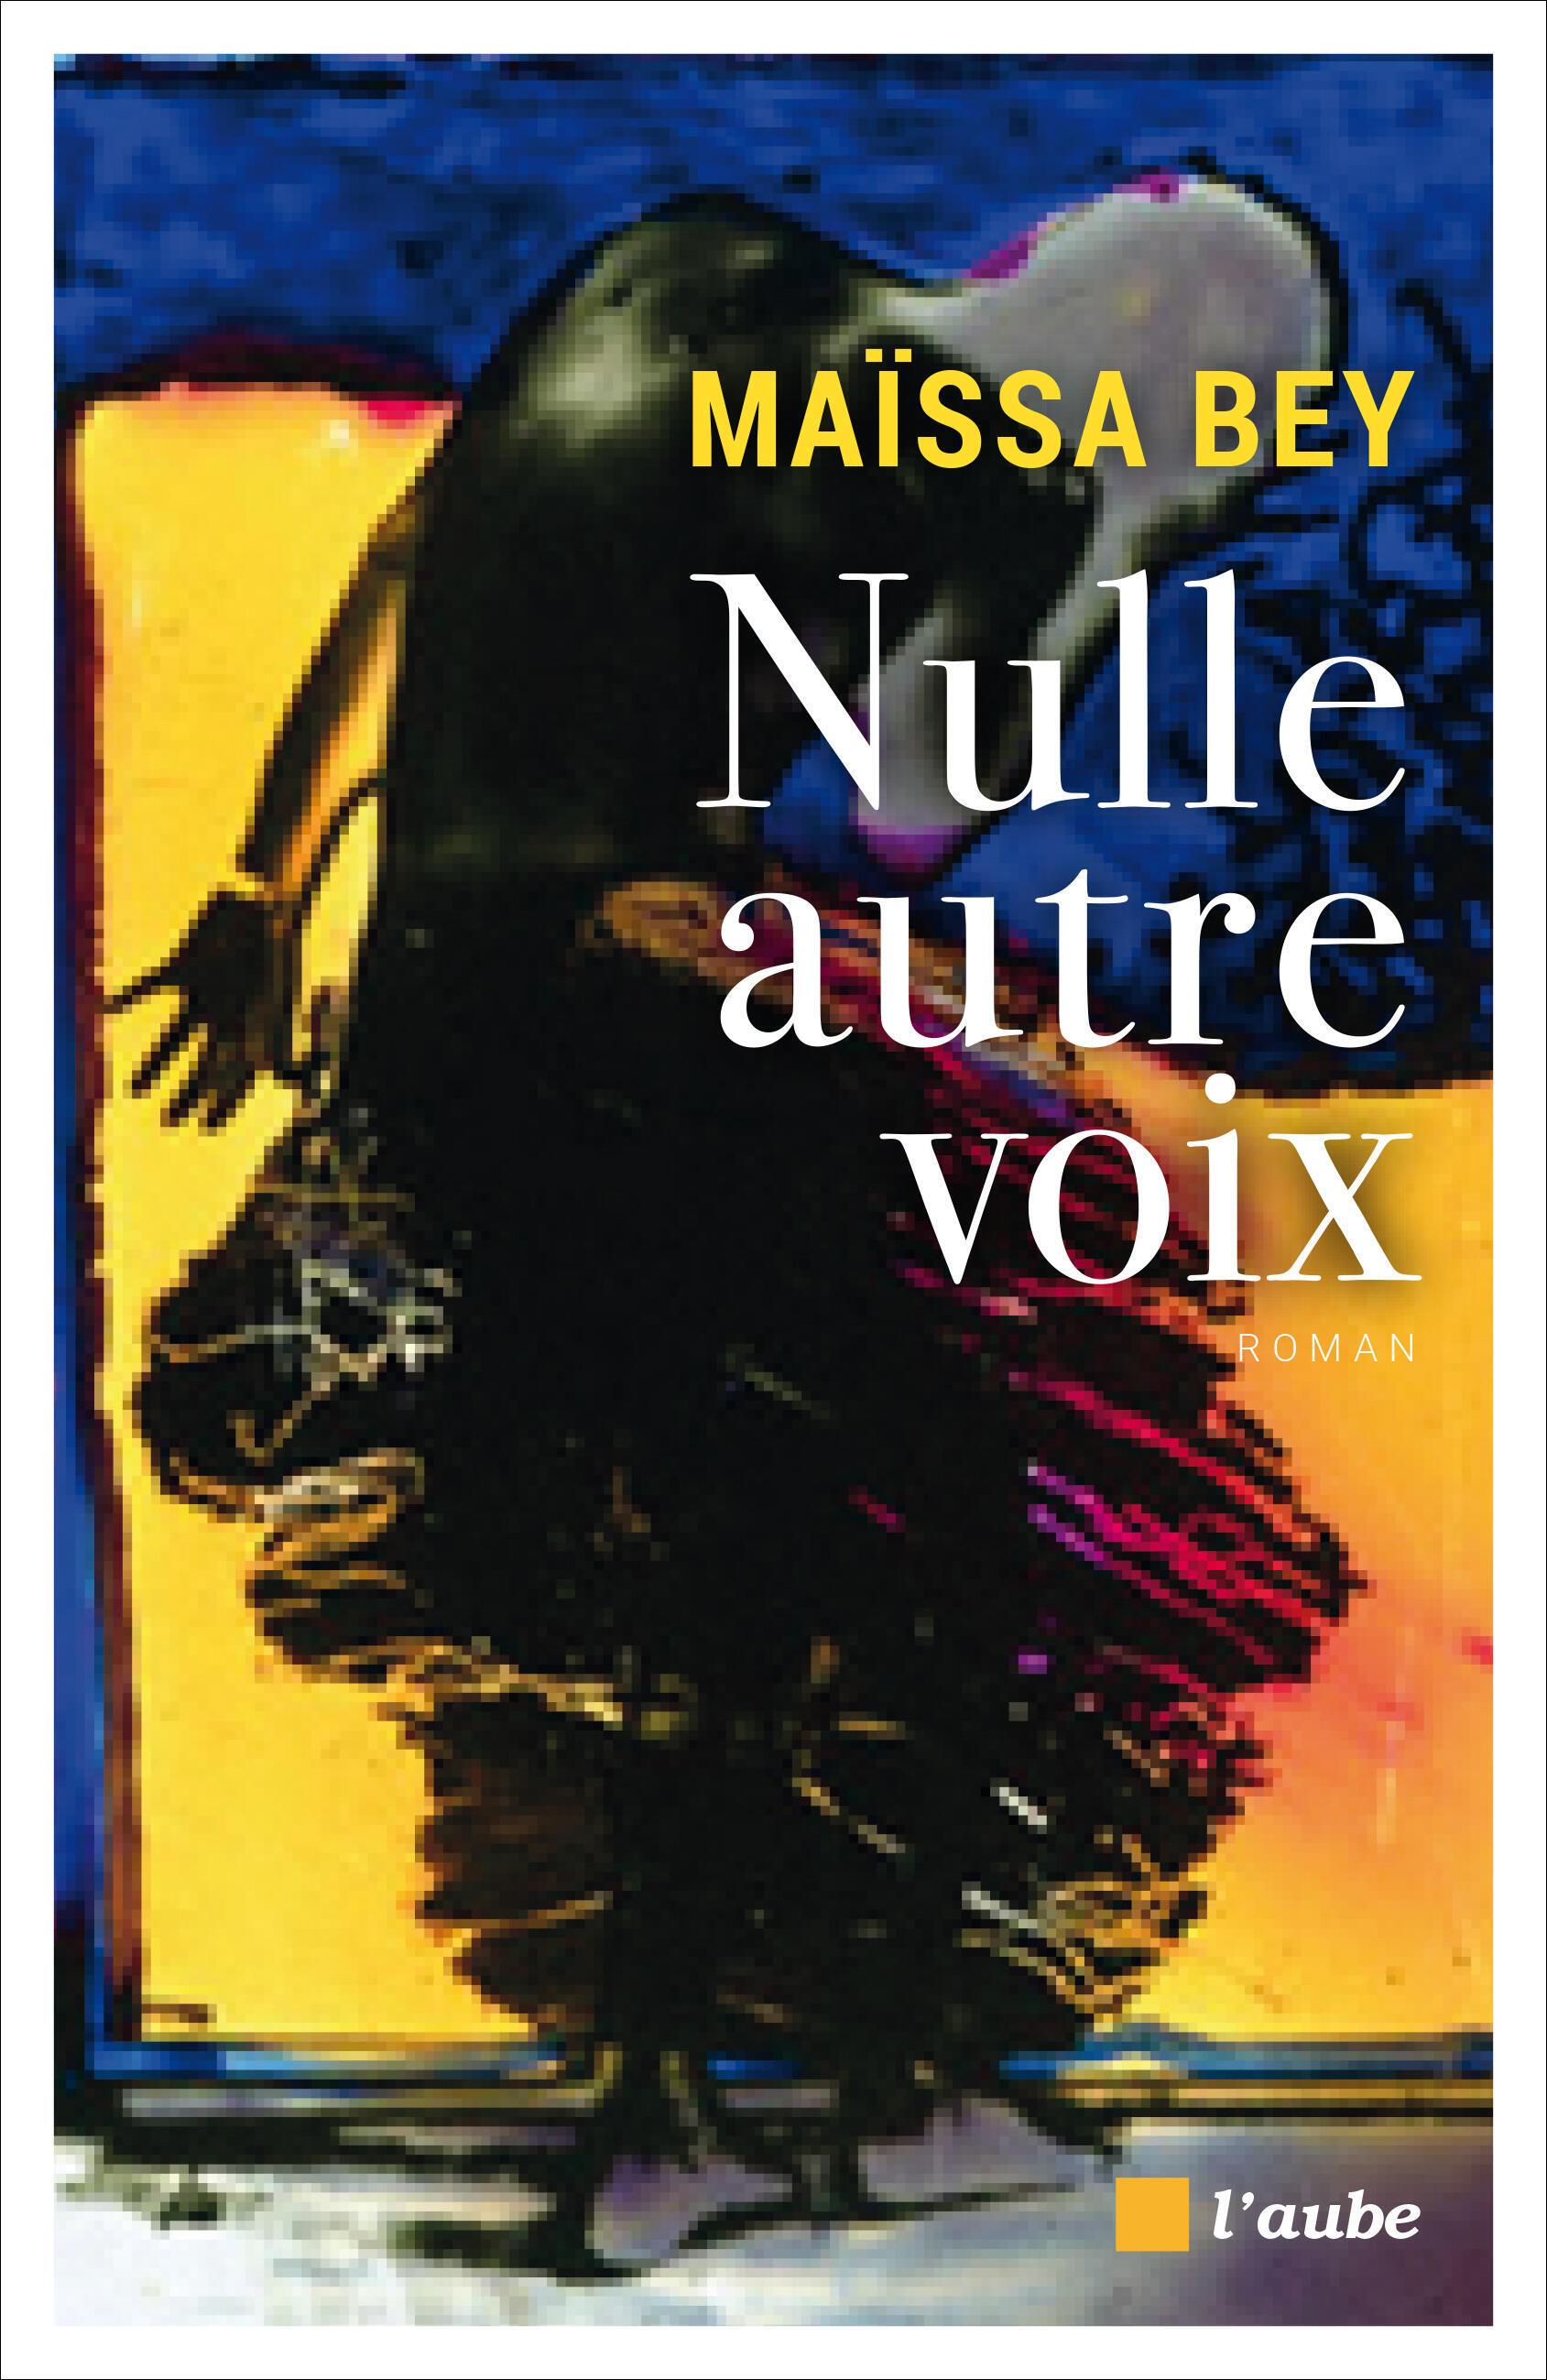 Maïssa Bey est romancière, féministe. « Nulle autre voix » est son nouveau roman, avec pour thème la criminalité féminine.